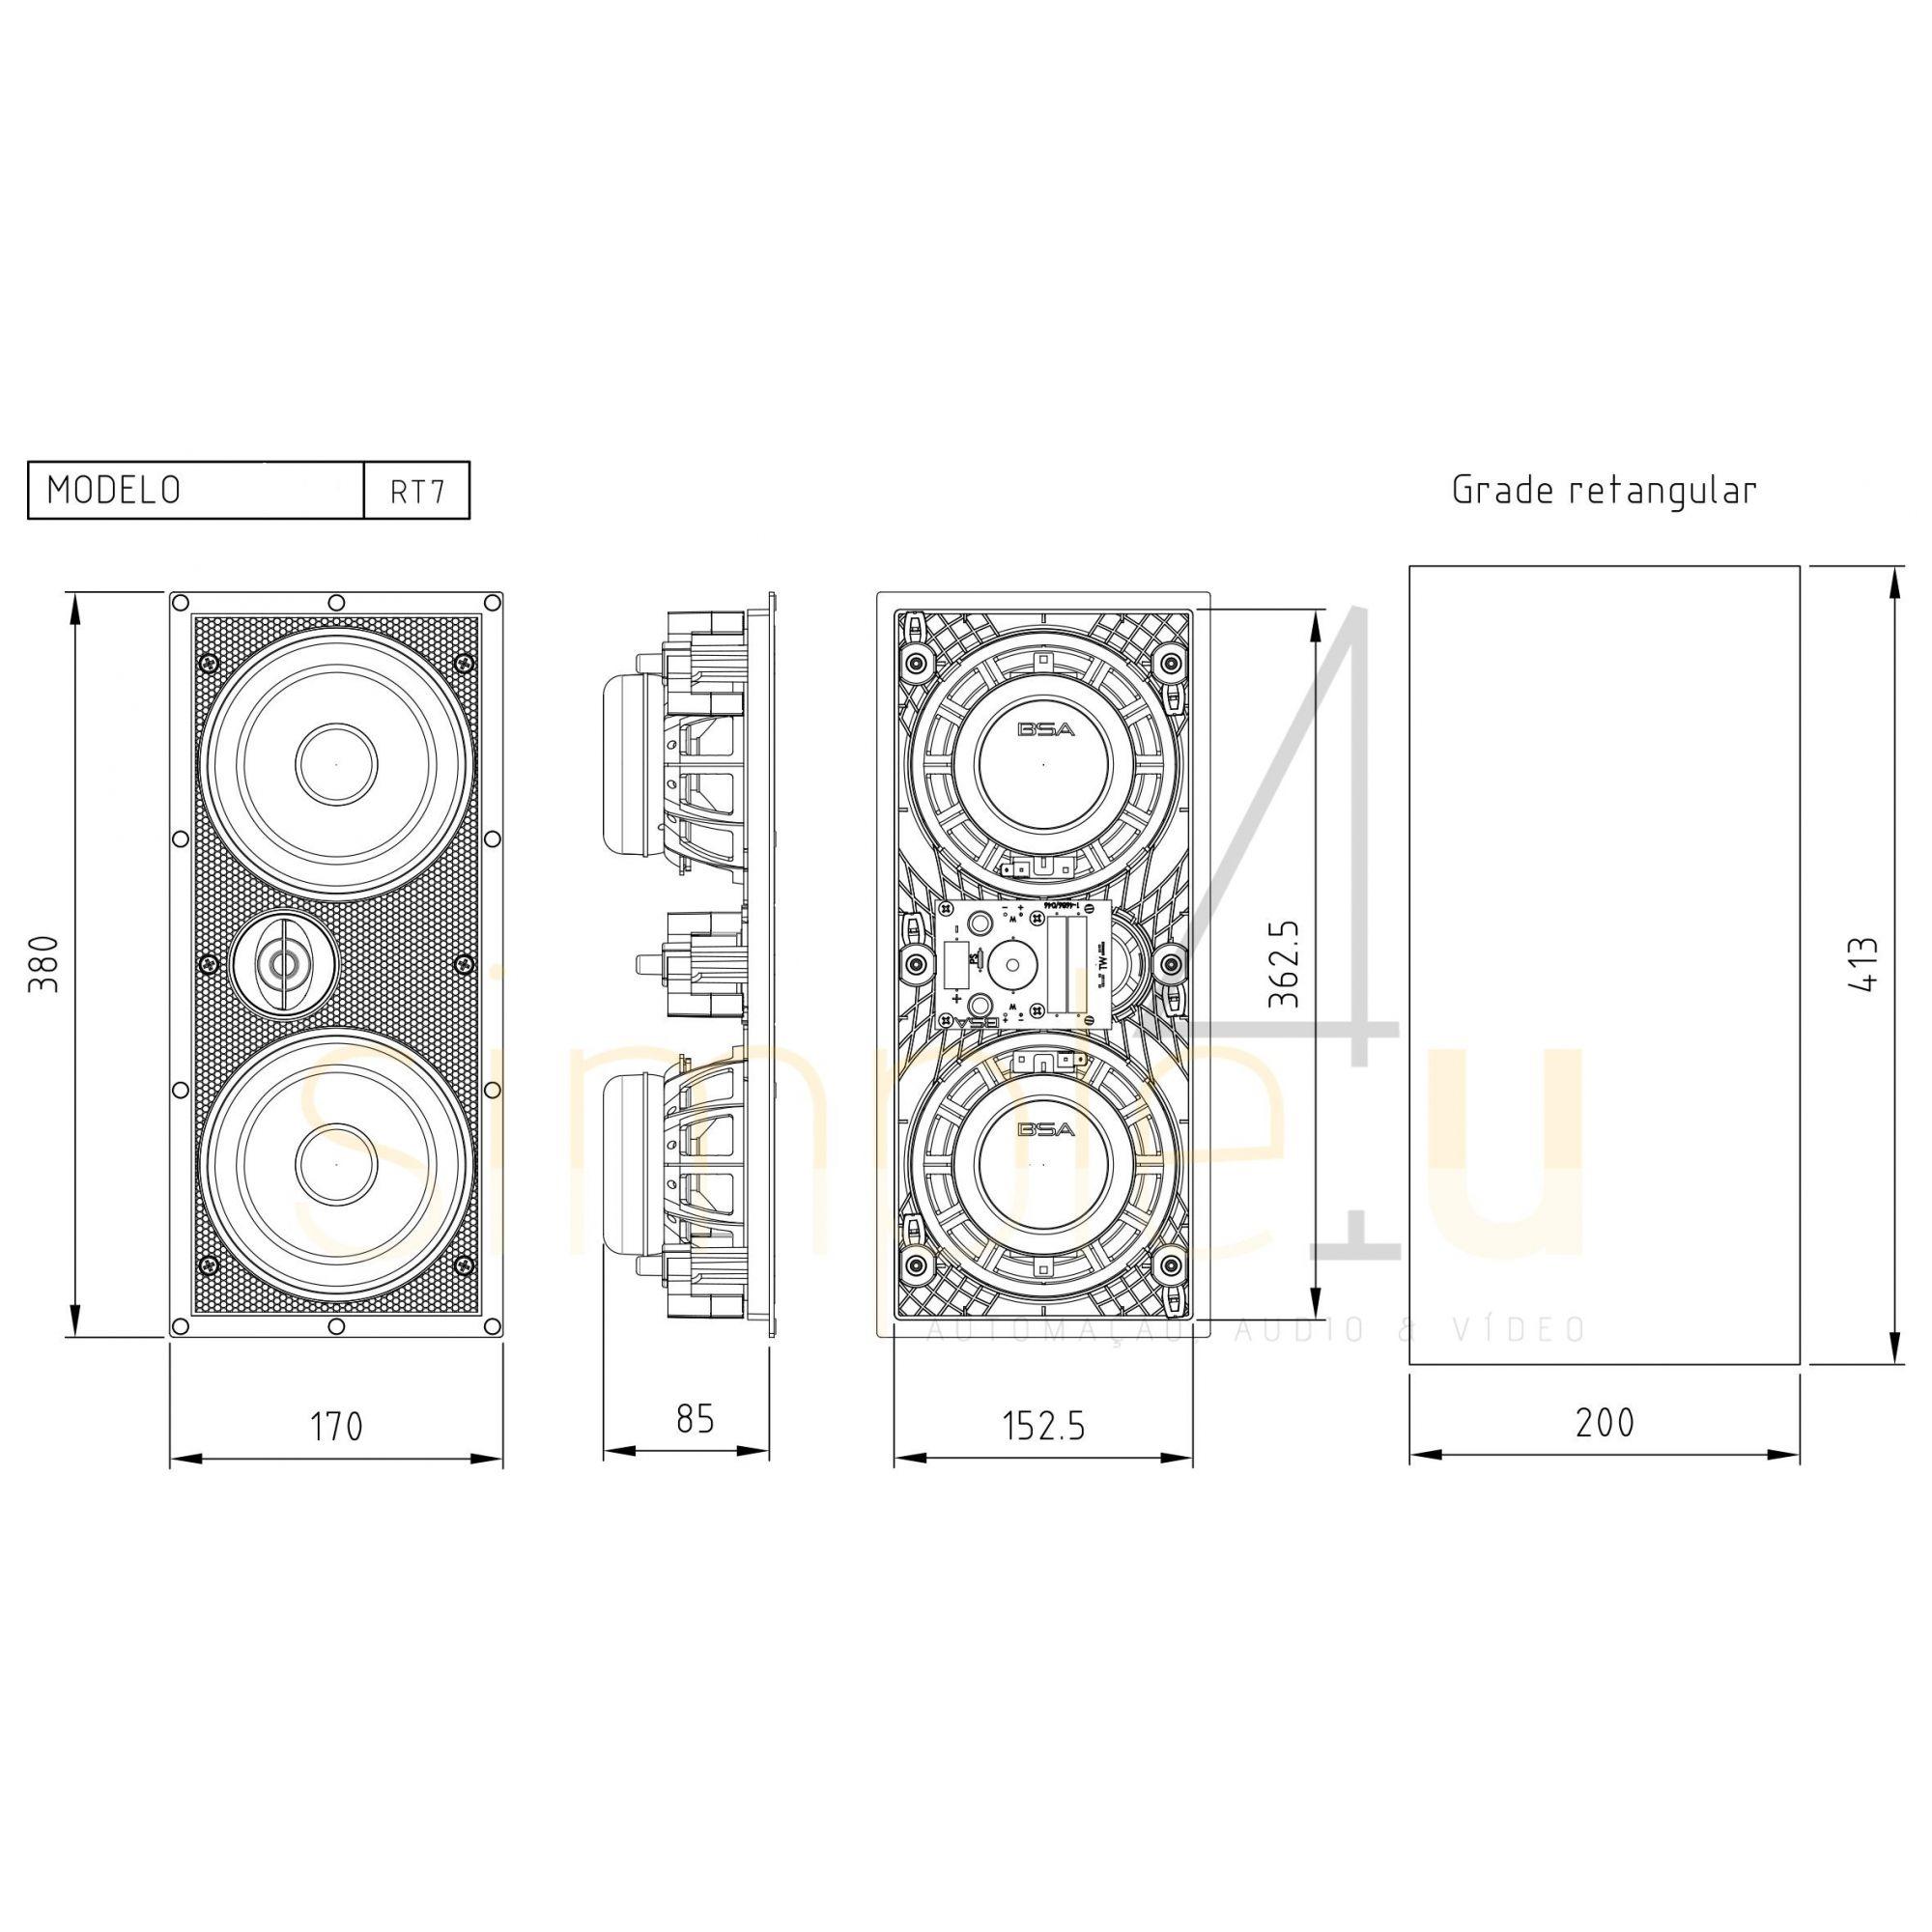 Kit 7.0 Caixa de Embutir no Gesso RT7A + RT7 BSA